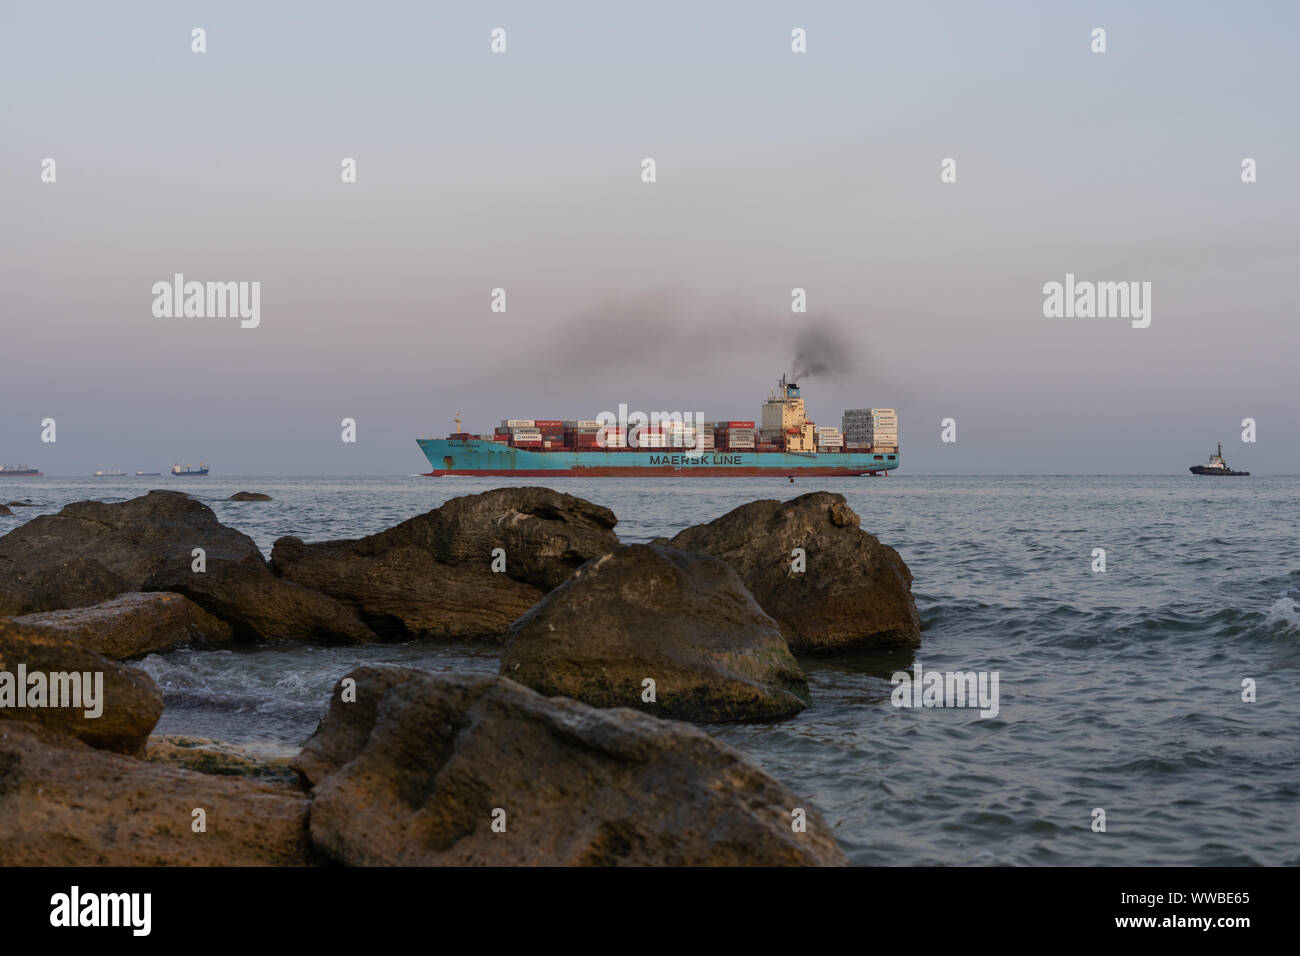 Eine schwere Containerschiff mit Cargo tritt in den Hafen von Tug. Hafen von yuzhny. Küsten Steine im Vordergrund. Selektive konzentrieren. 2019.09.01. Odessa. Ukrai Stockfoto